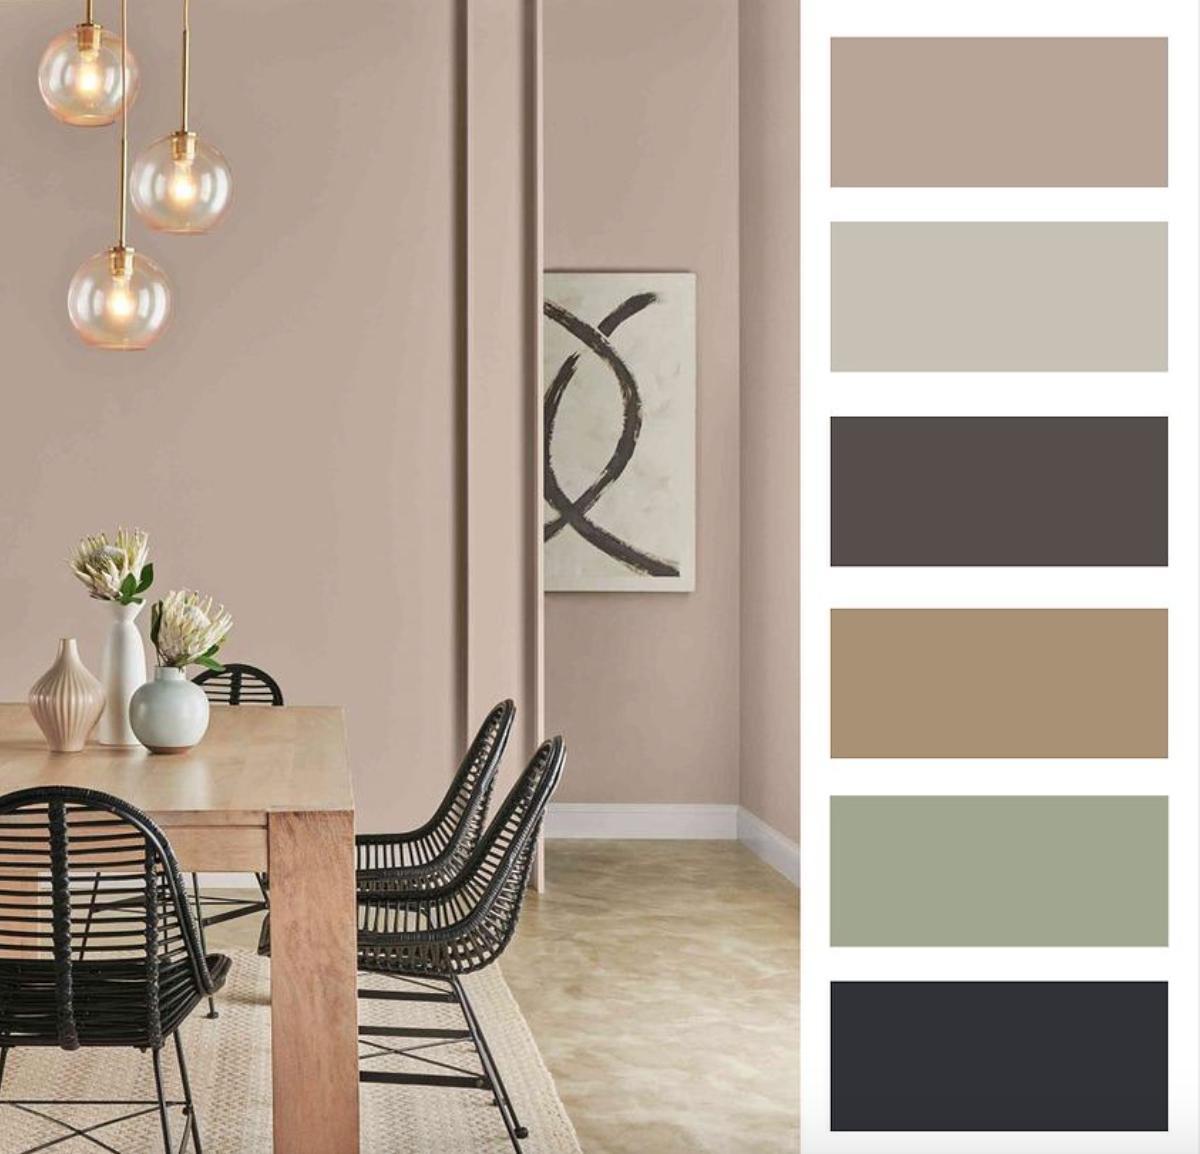 Farebné kombinácie - inšpirácie do interiéru - Obrázok č. 71